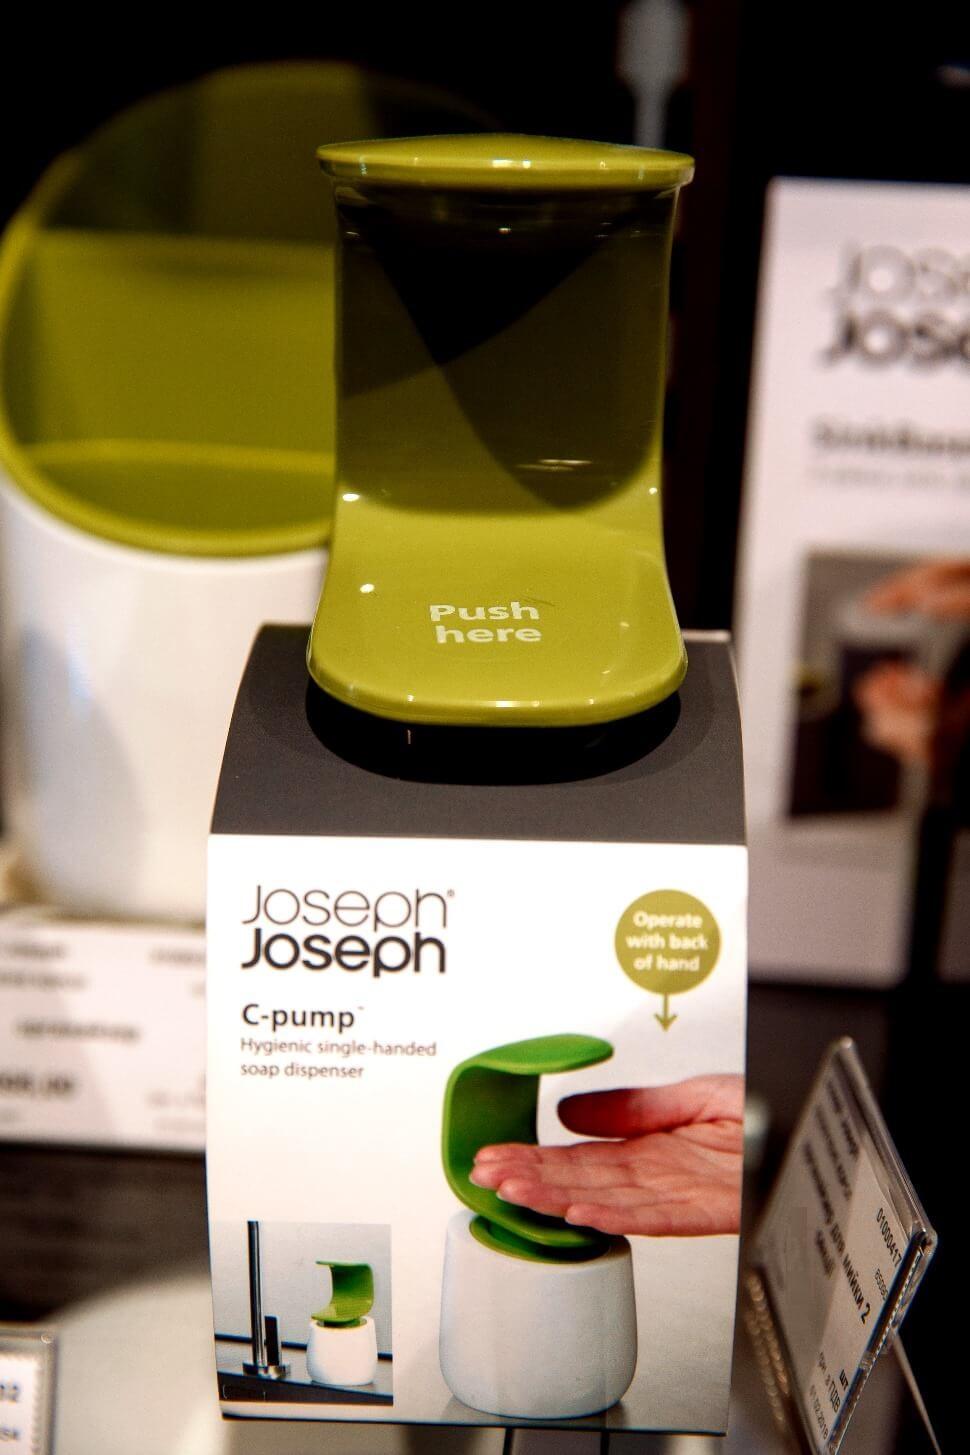 Диспенсер для жидкого мыла Joseph Joseph C-PUMP, 8,5х8,5х19 см, объем 0,3 л, зеленый с белым Joseph Joseph 85053 фото 6